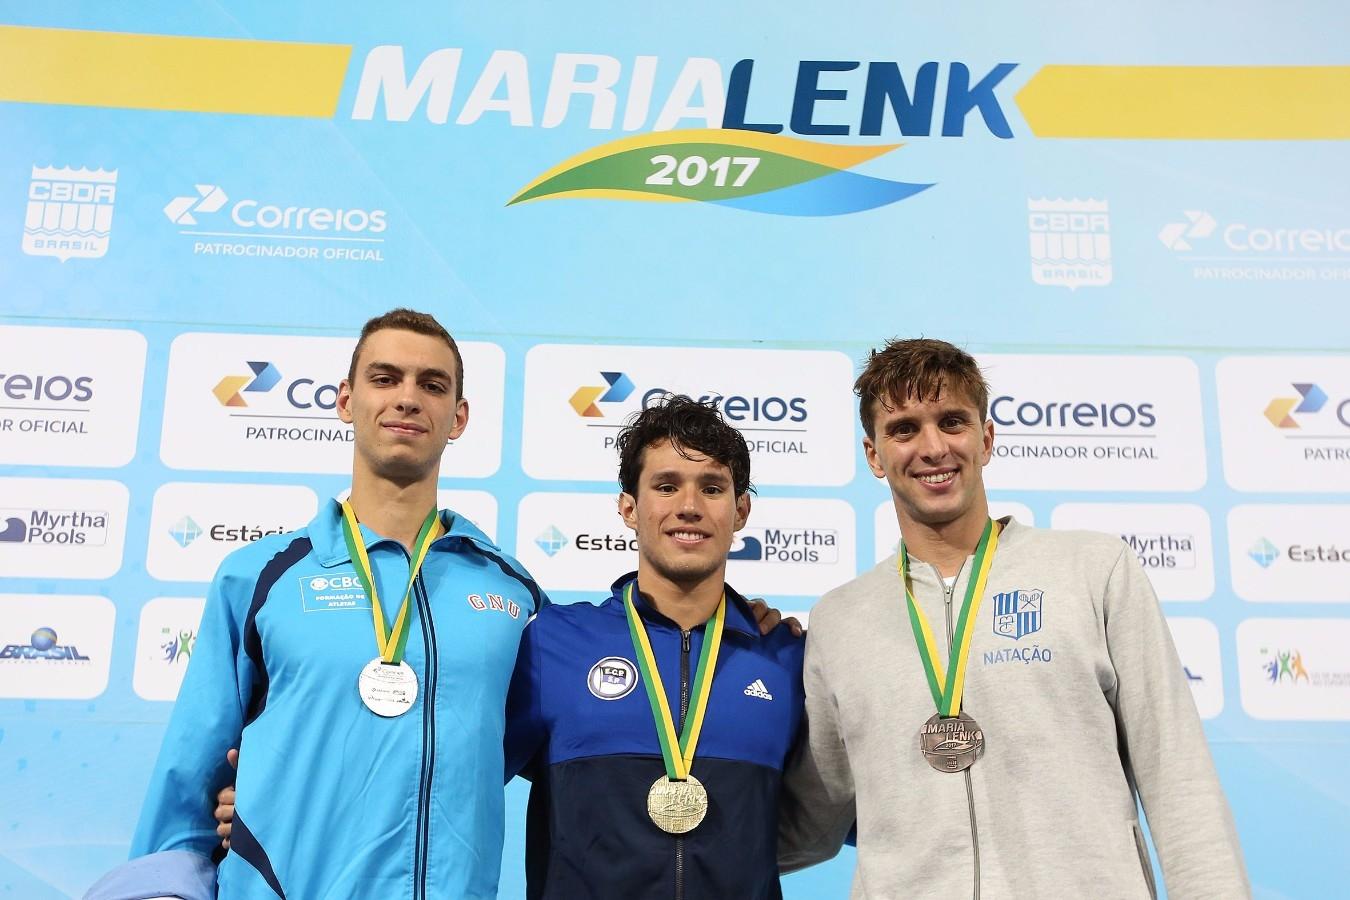 Trofeu Maria Lenk. Parque Aquatico Maria Lenk. 05 de Maio de 2017, Rio de Janeiro, RJ, Brasil. Foto: Satiro Sodré/SSPress/CBDA